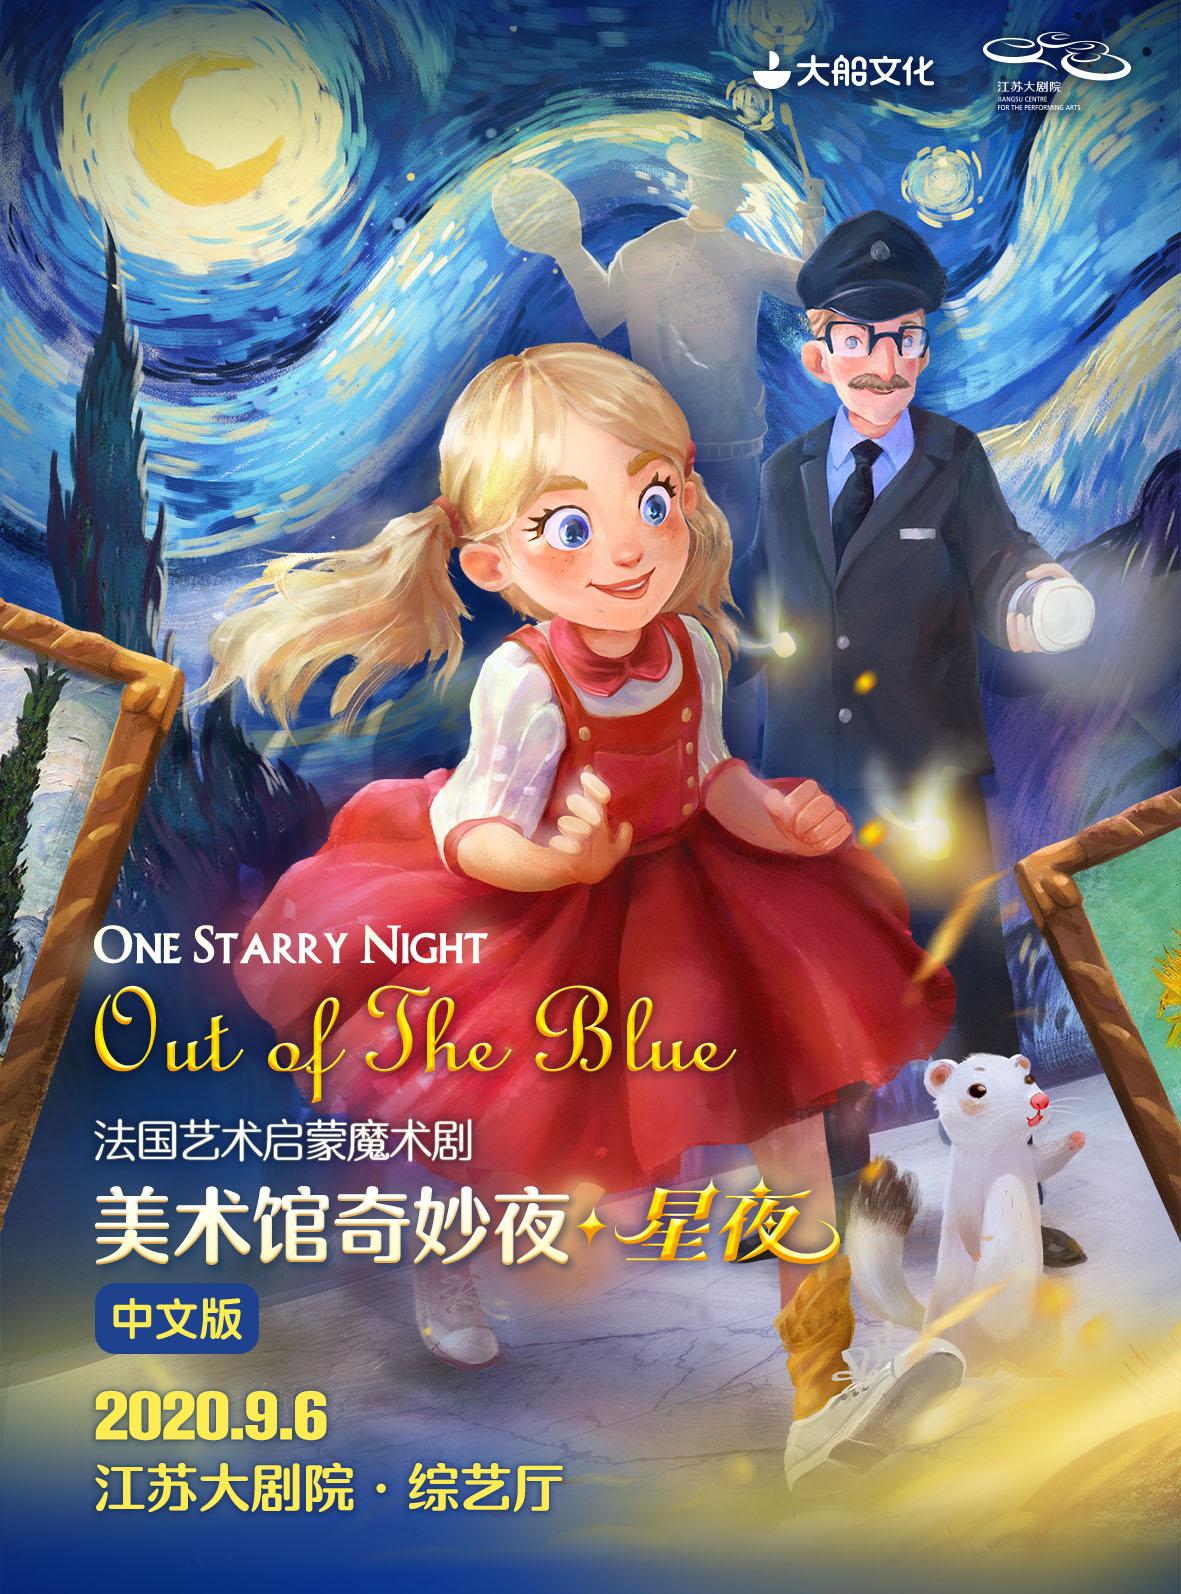 法國藝術啟蒙魔術劇《美術館奇妙夜星夜》南京站